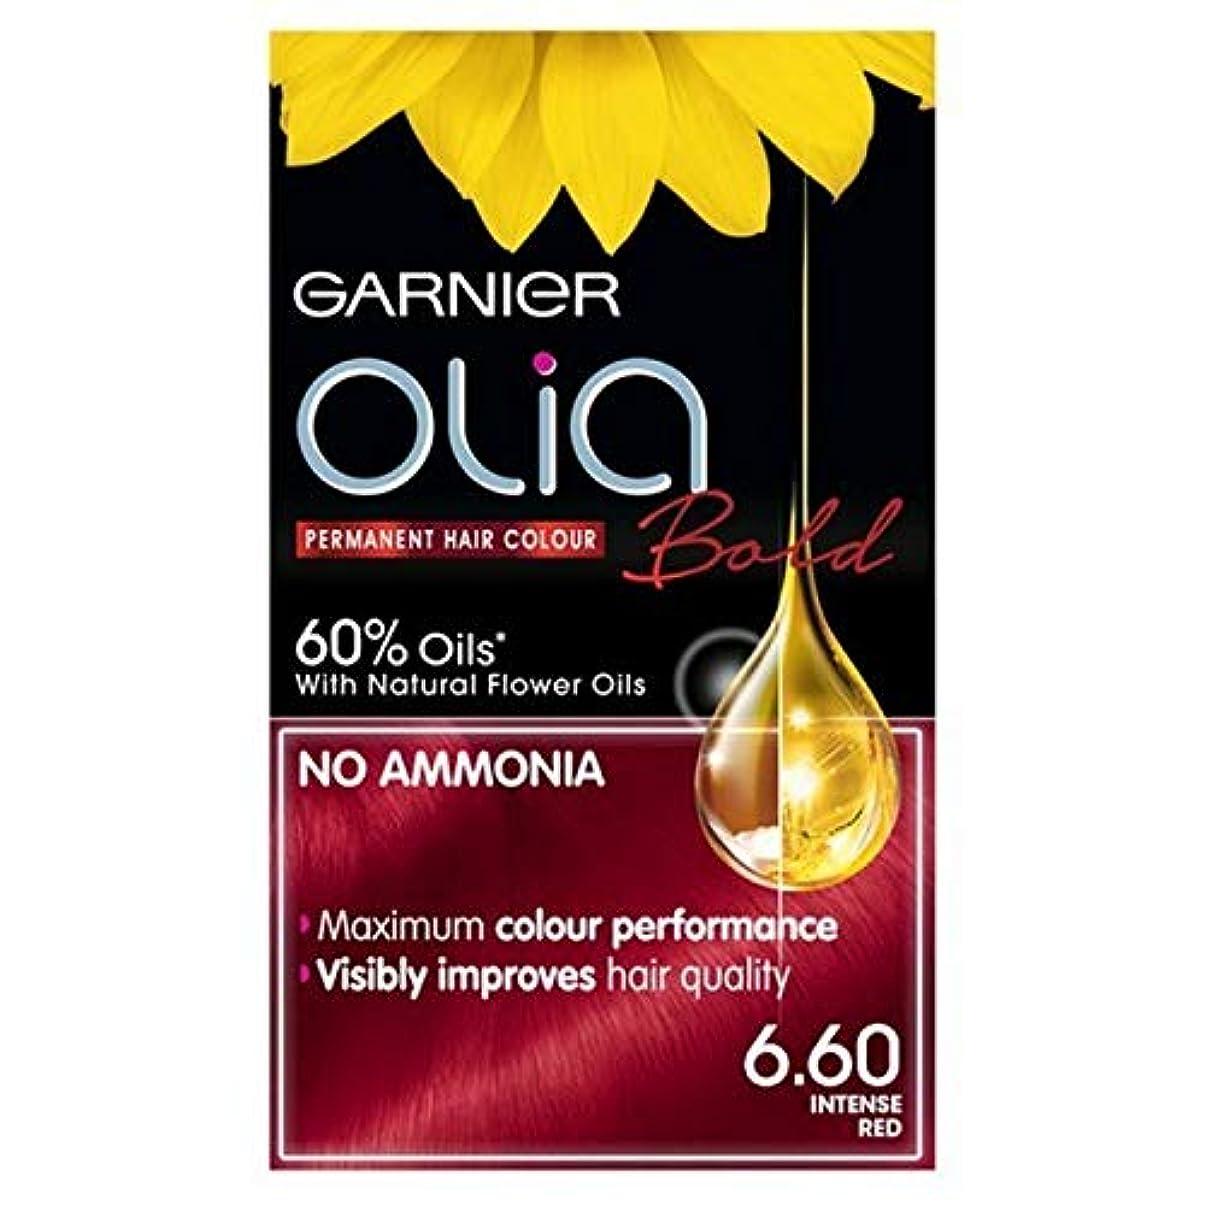 操る永遠の寺院[Garnier ] ガルニエOlia大胆永久染毛剤強烈な赤6.60 - Garnier Olia Bold Permanent Hair Dye Intense Red 6.60 [並行輸入品]